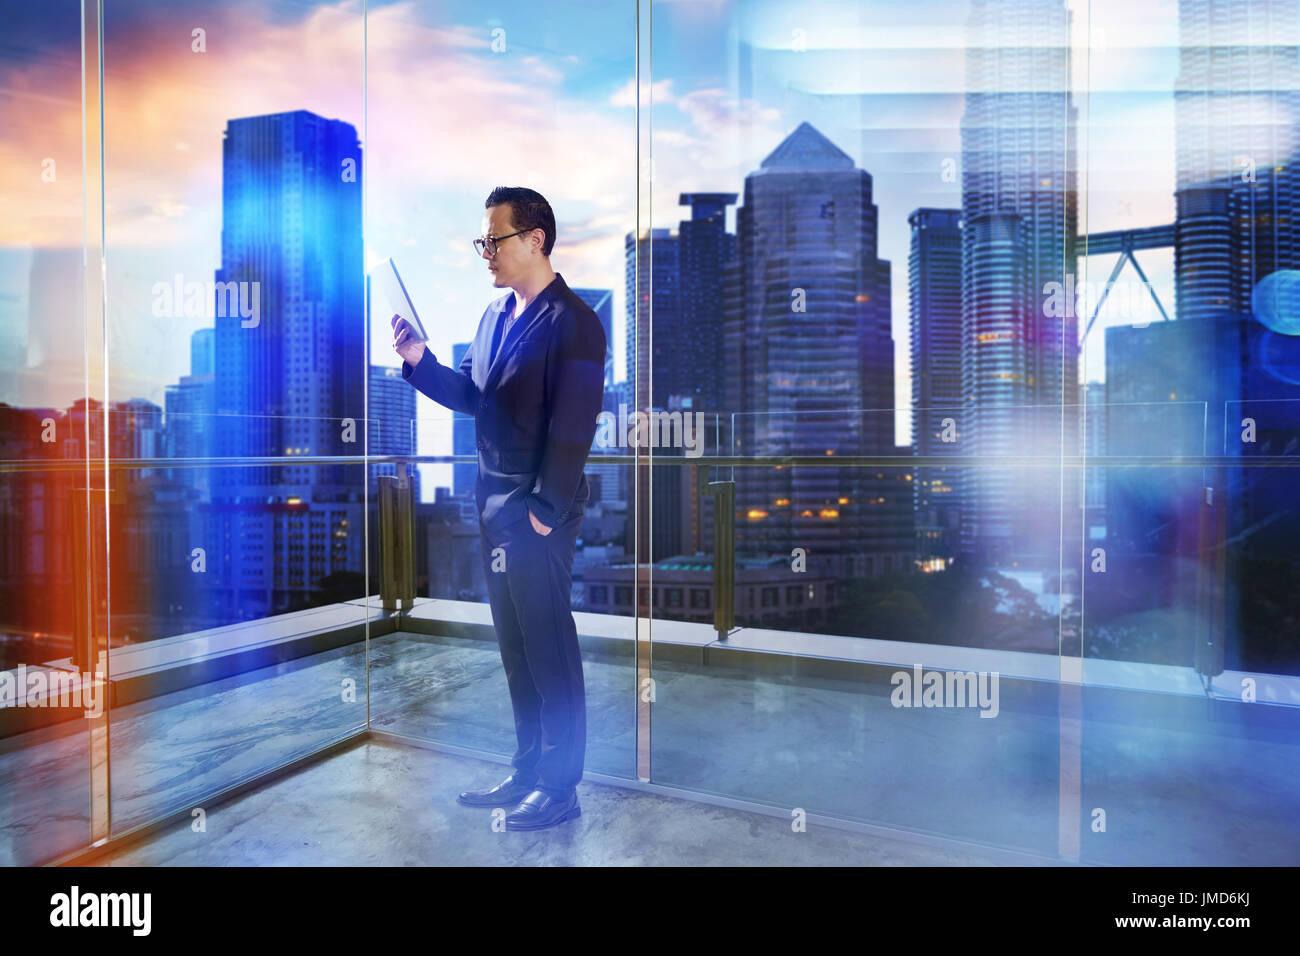 El empresario utiliza un dispositivo digital stand en la moderna oficina transparente con hermosas vistas al horizonte Foto de stock